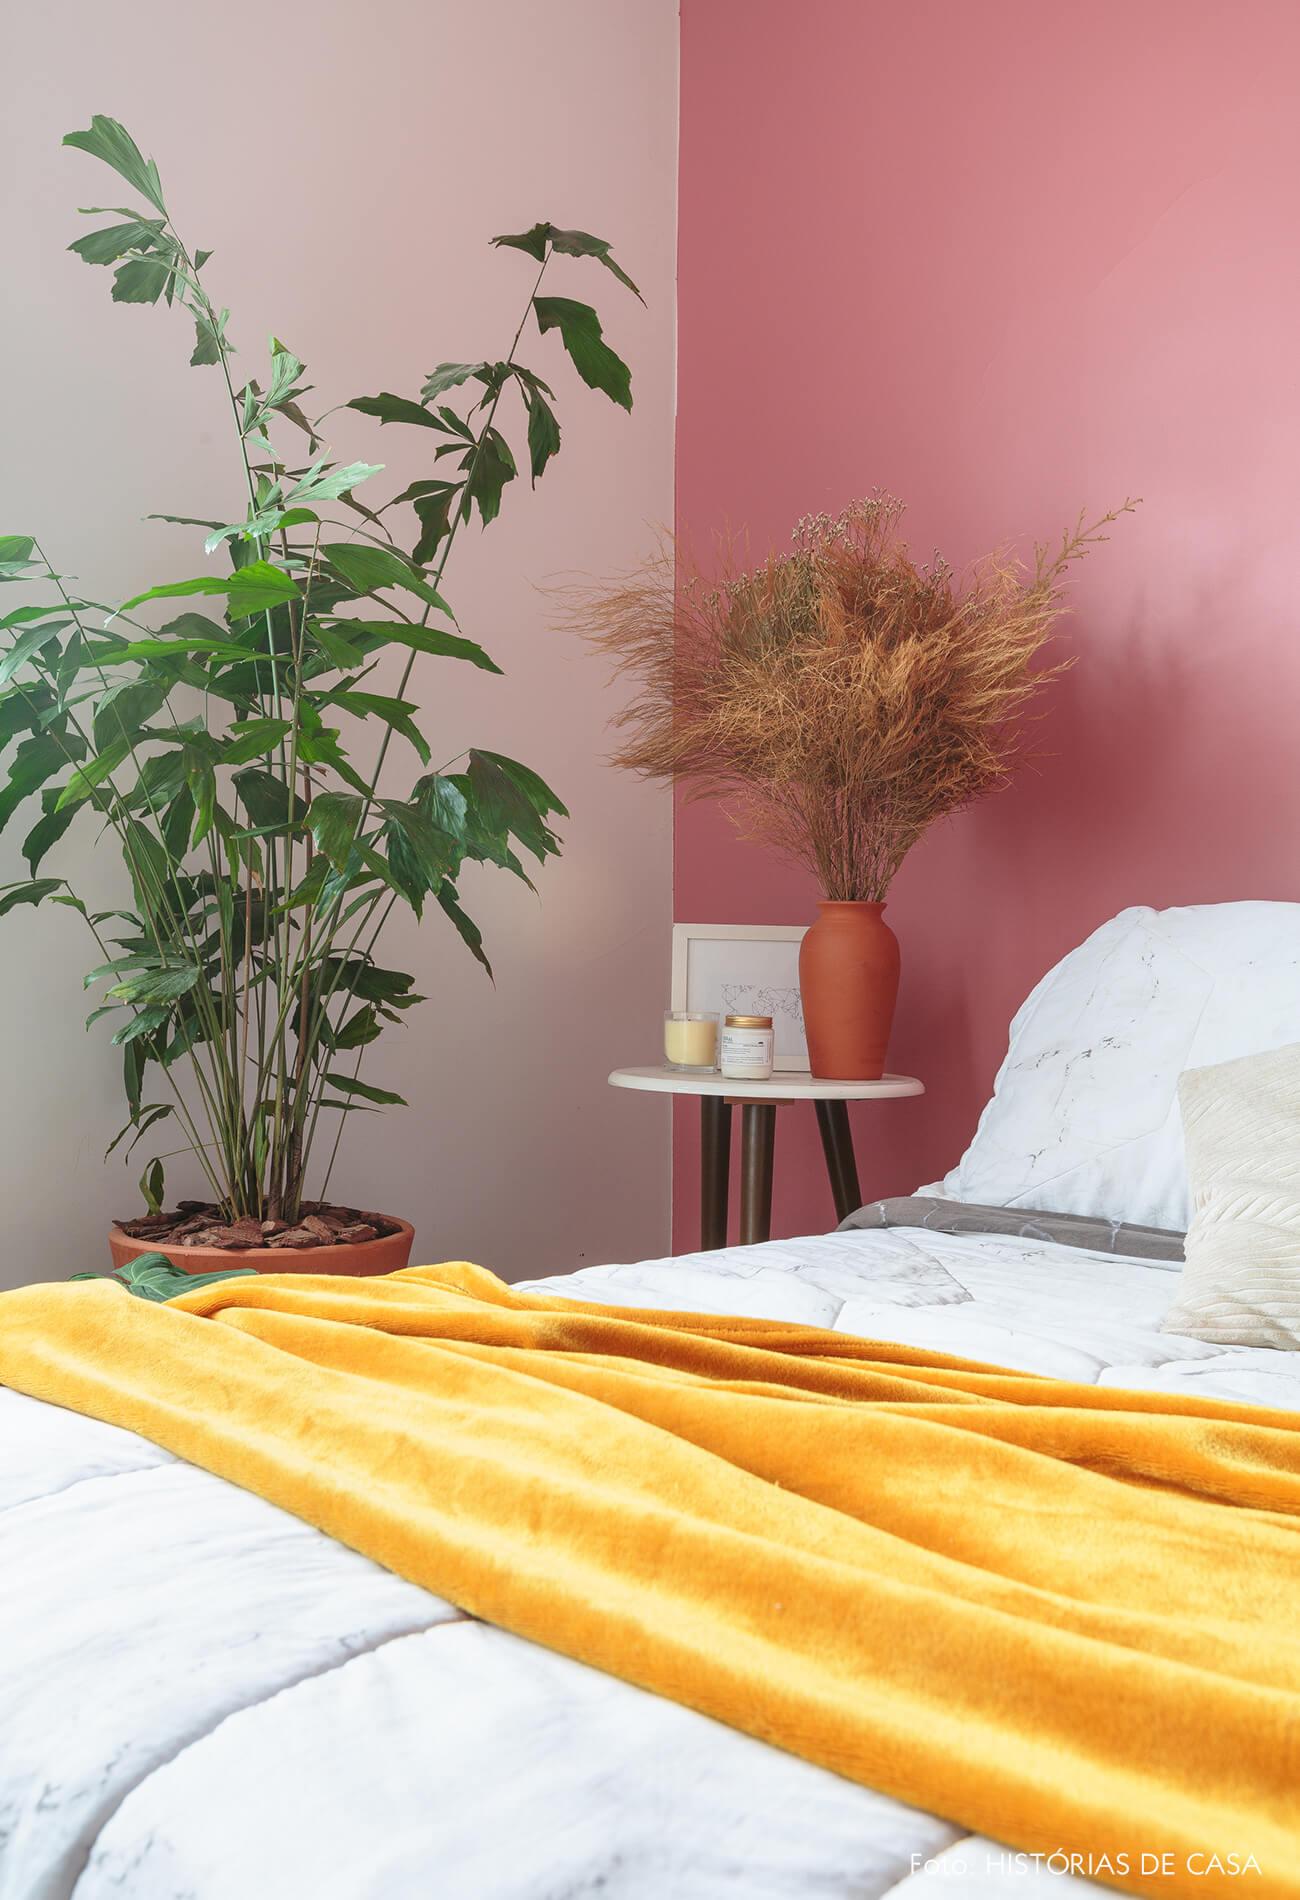 decoração quarto com parede rosa e plantas